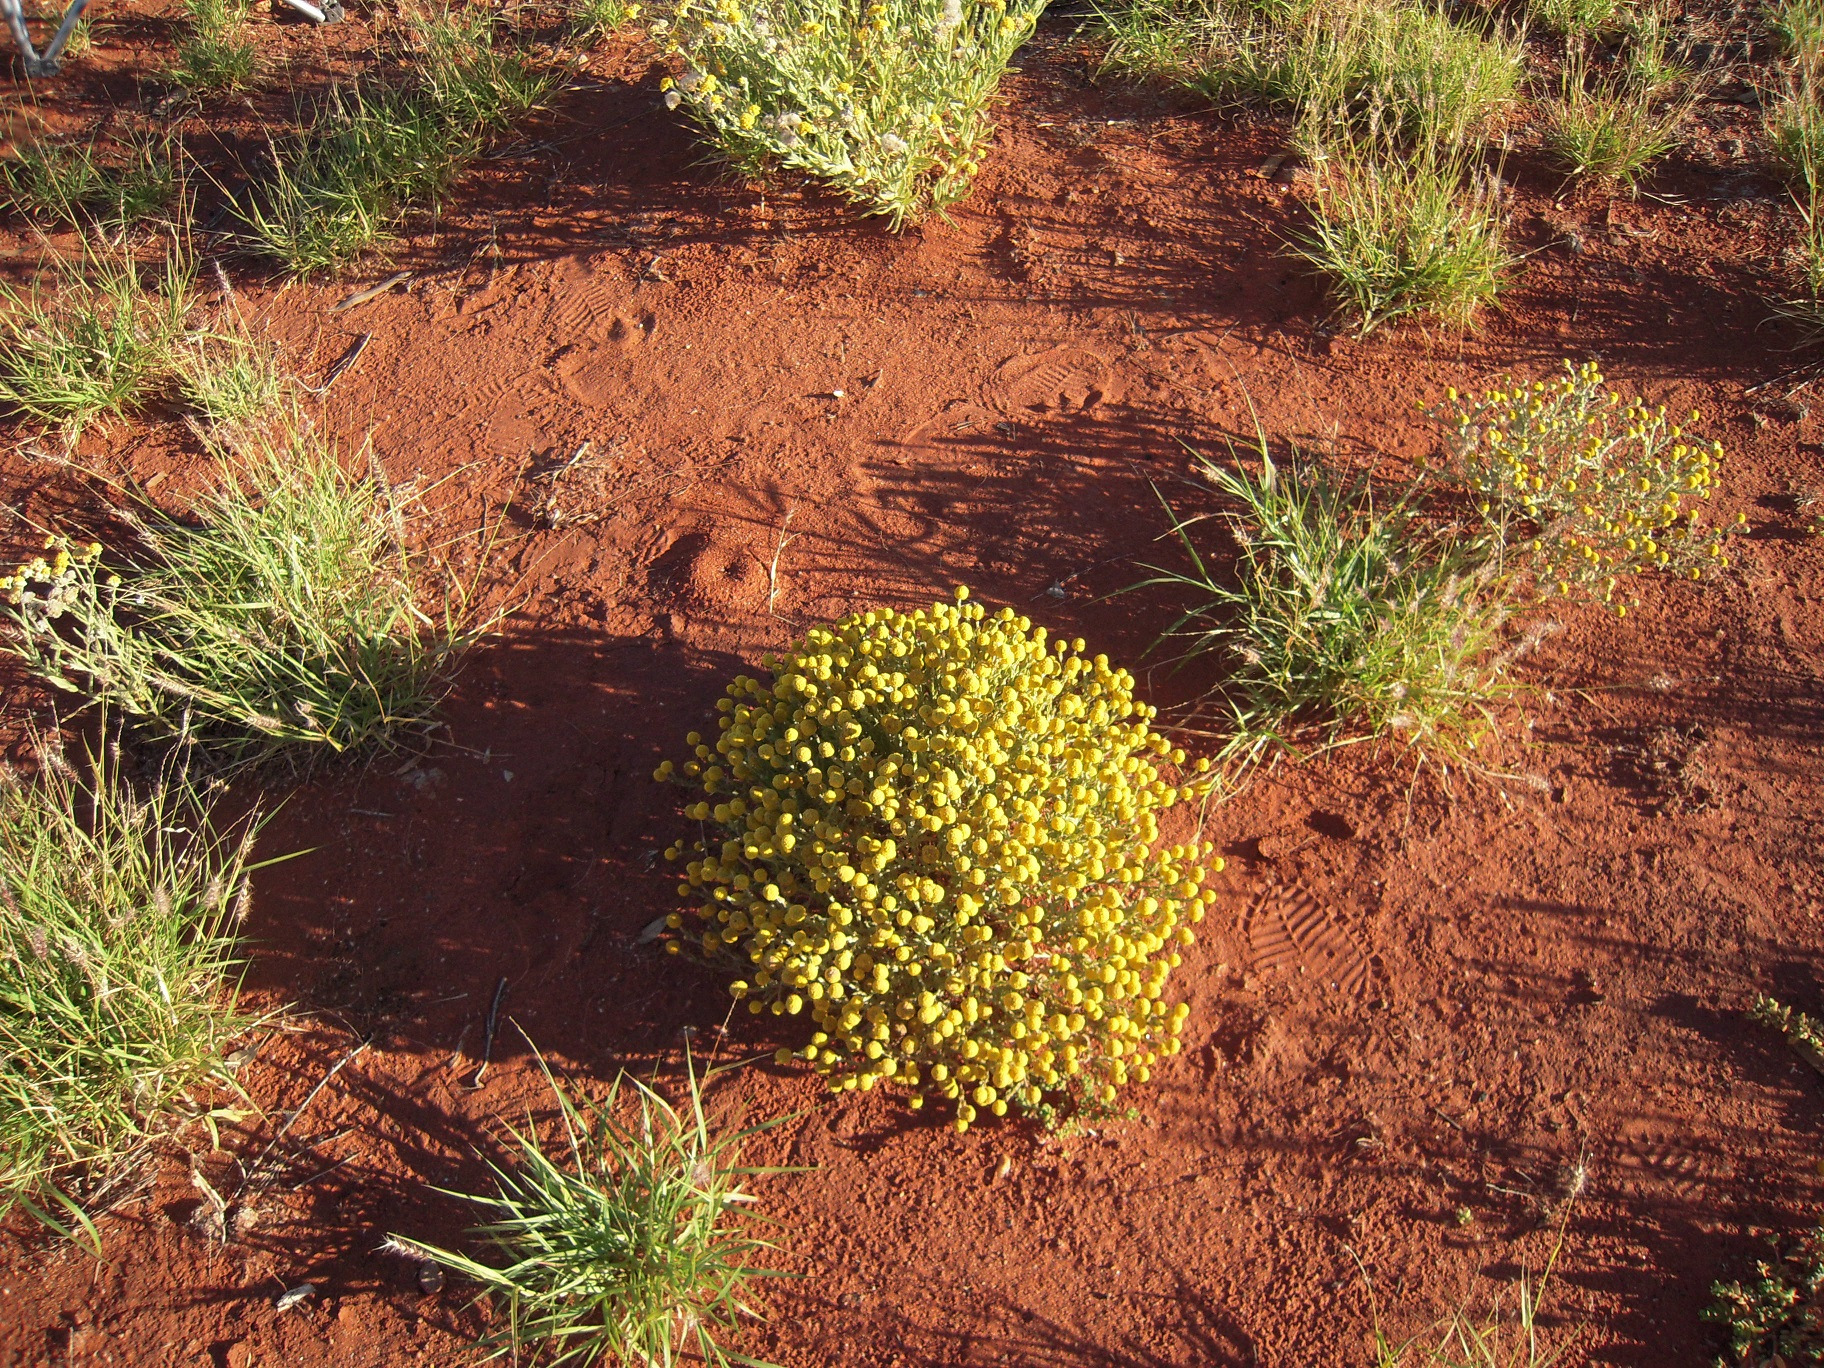 2. Flora Ampilatwatja